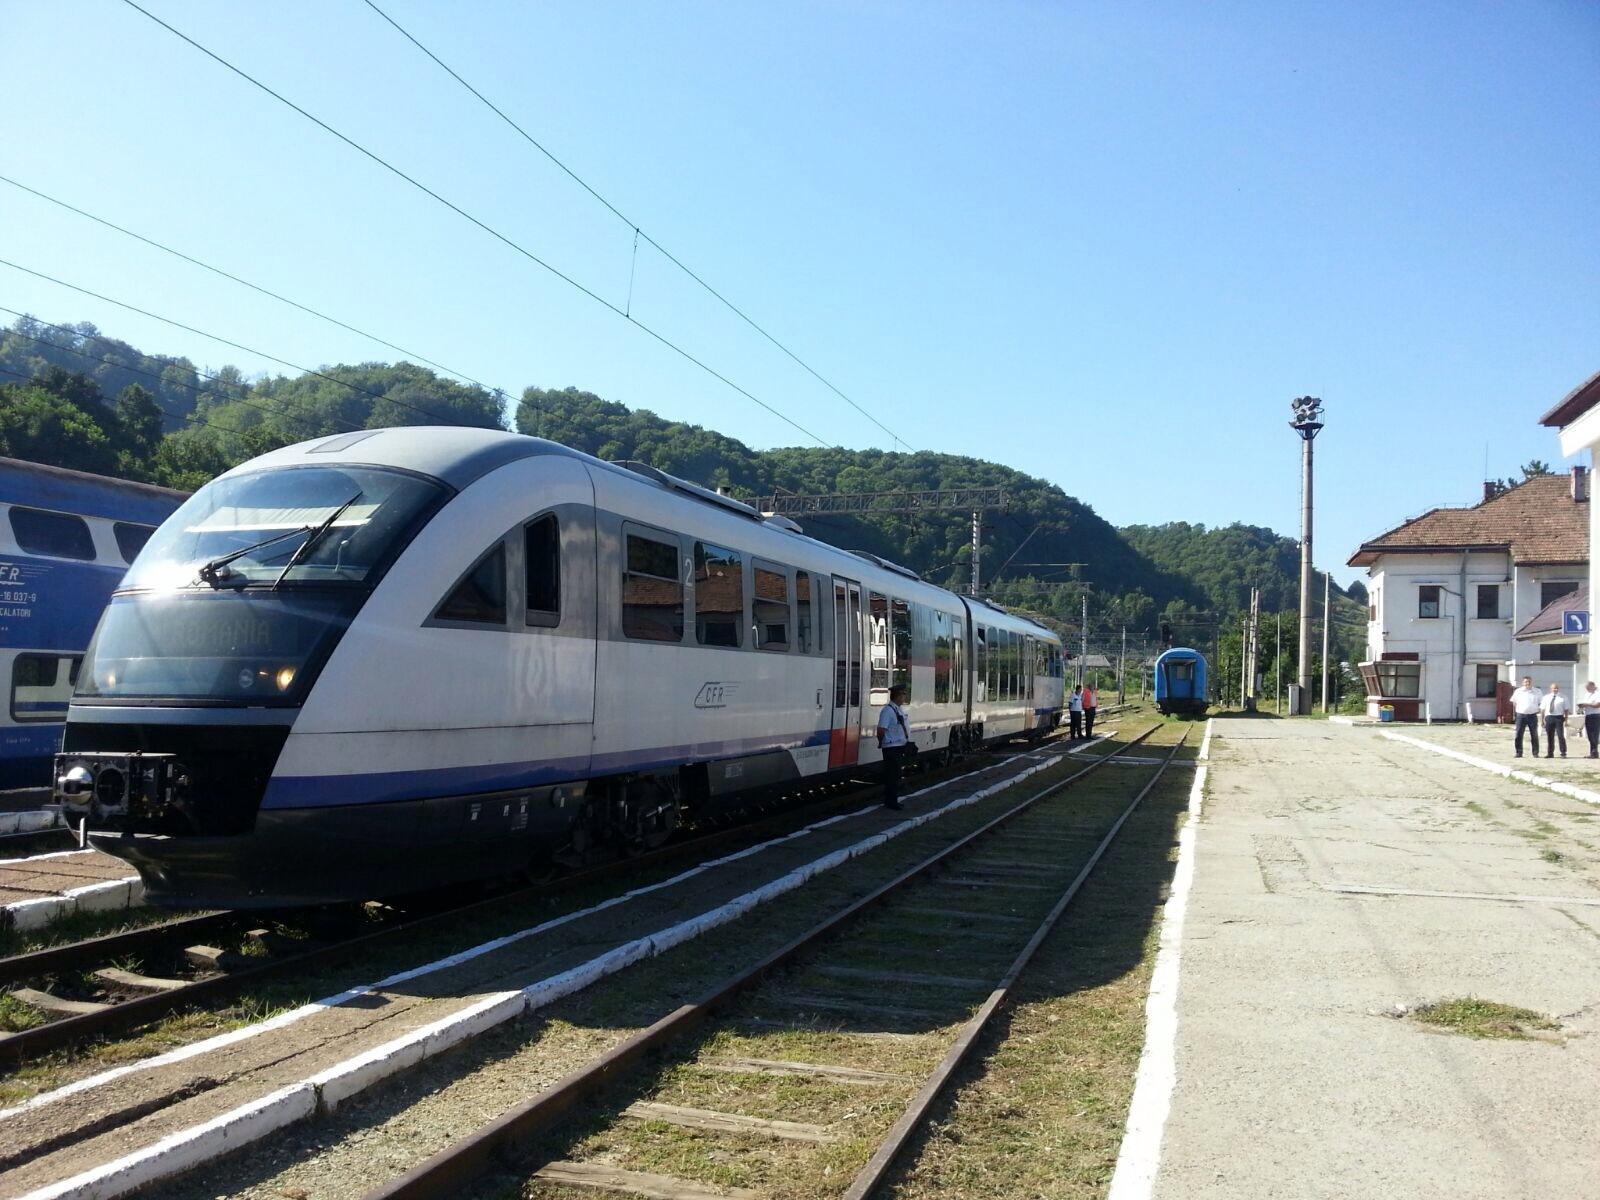 Ruta pe care trenul `Săgeata Albastră` circula cu 35 km/h, suspendată după 5 luni